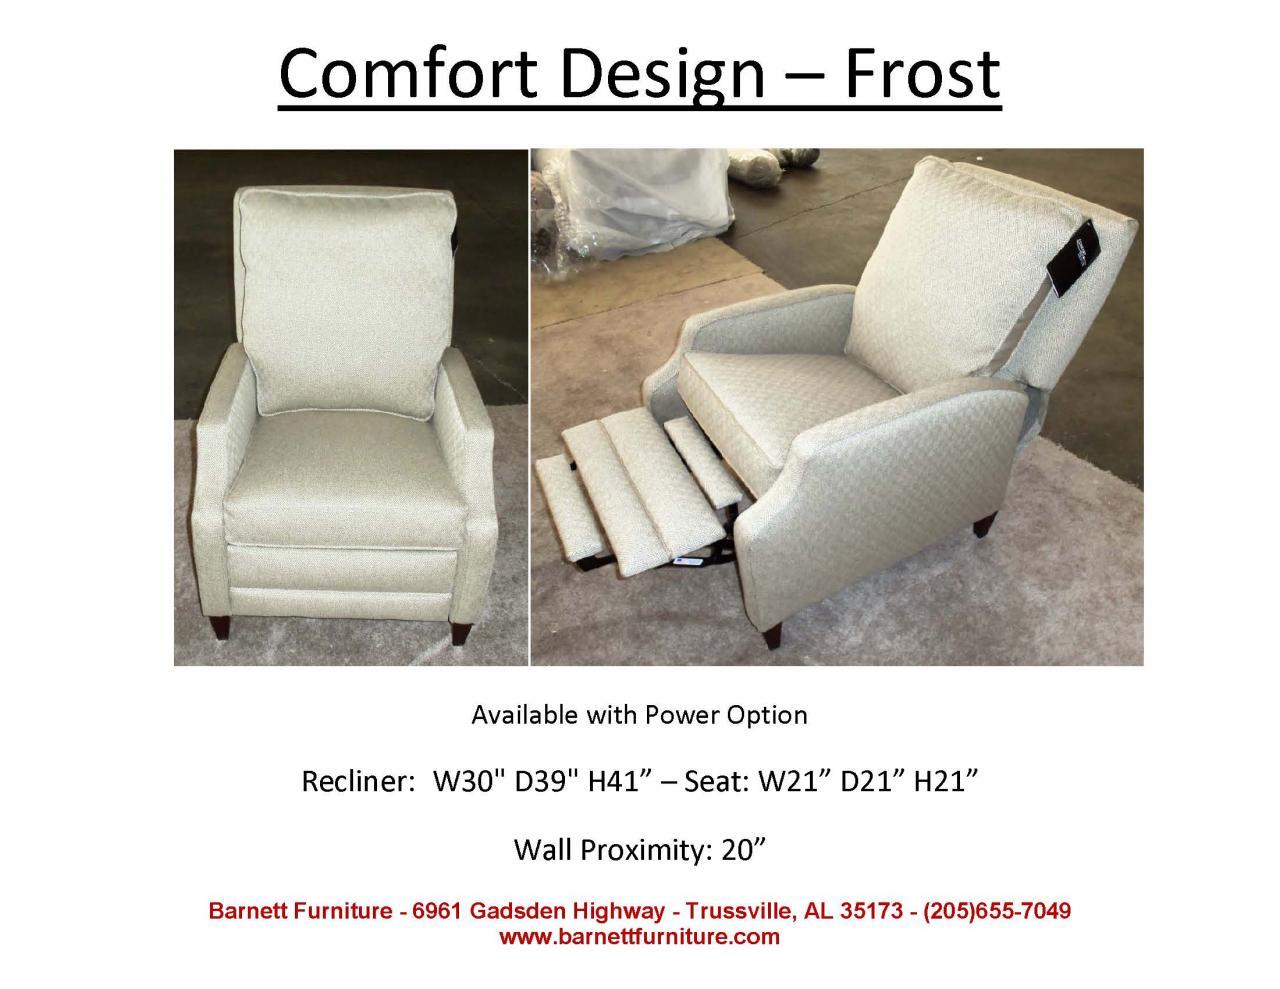 ... Comfort Design Frost Recliner ...  sc 1 st  Barnett Furniture & Barnett Furniture - recliners islam-shia.org